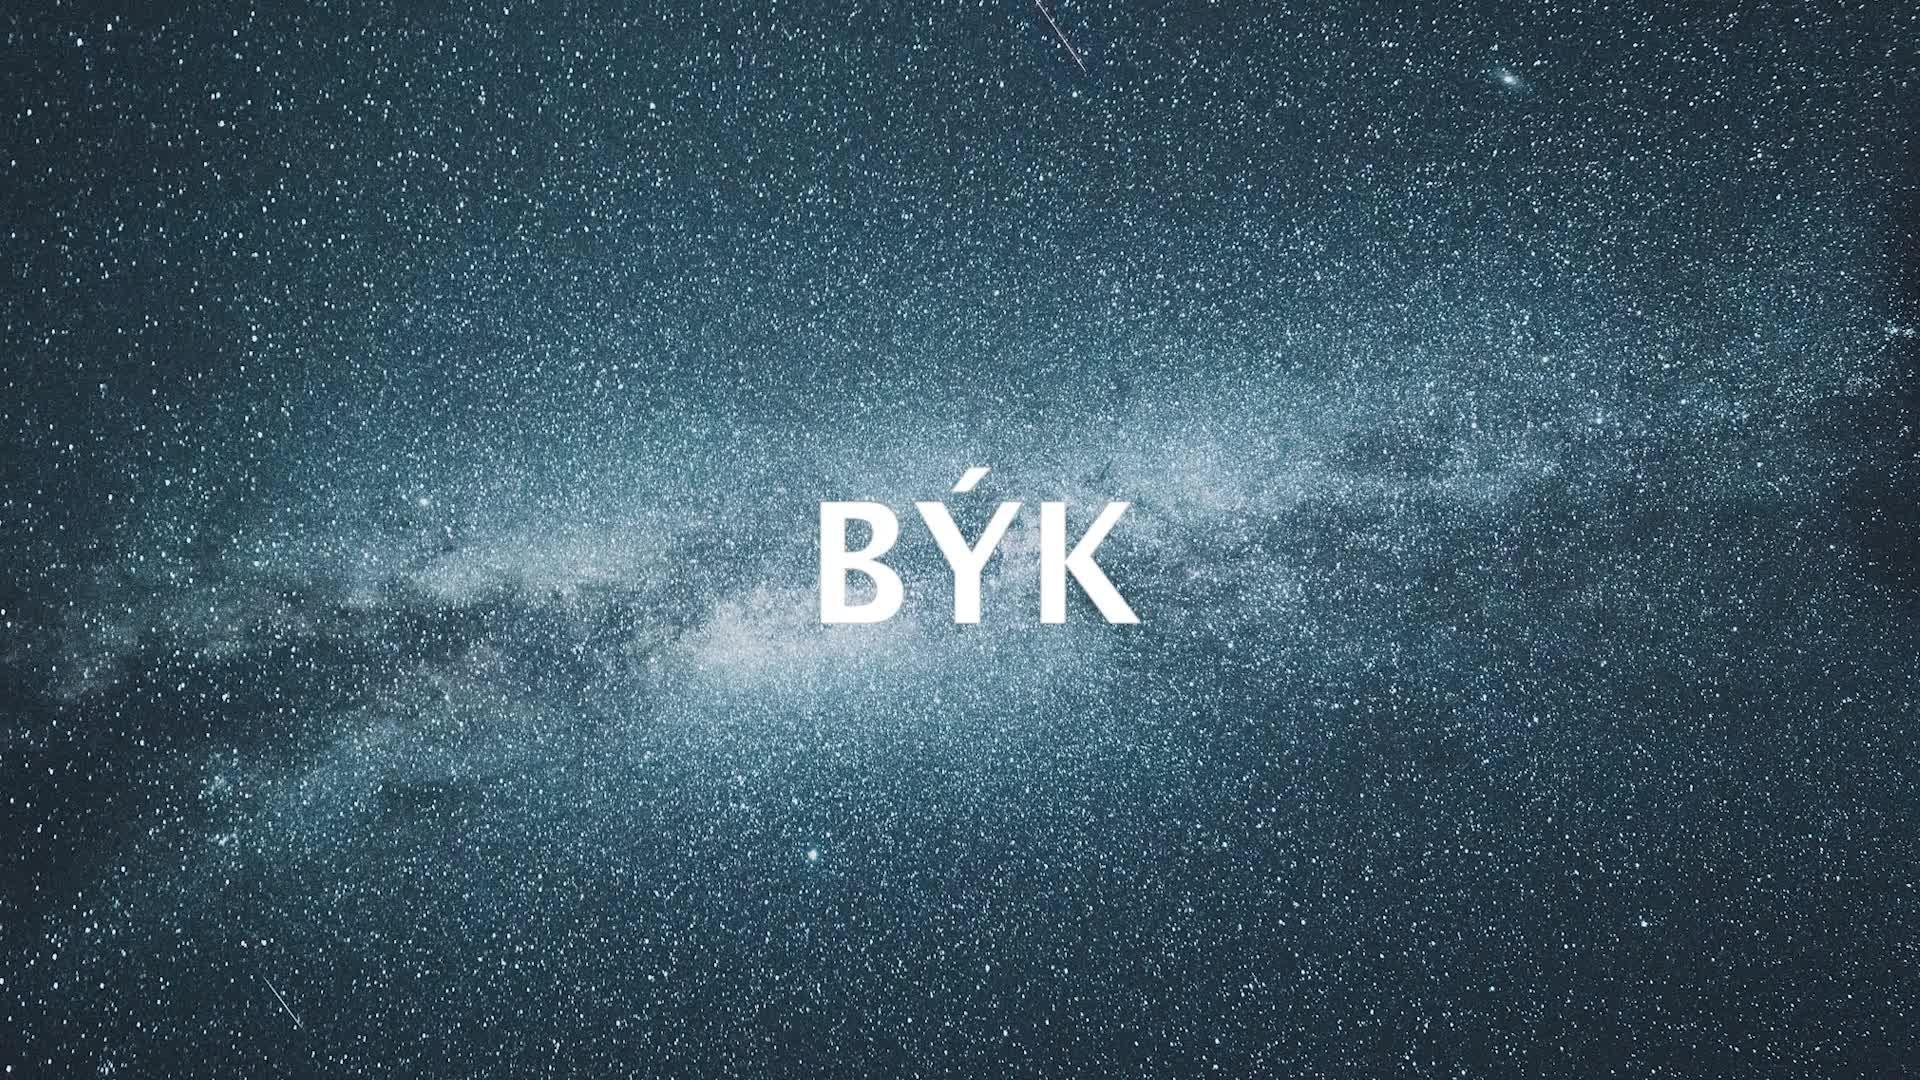 Astroložka Boháčová: Obecná charakteristika znamení - Býk